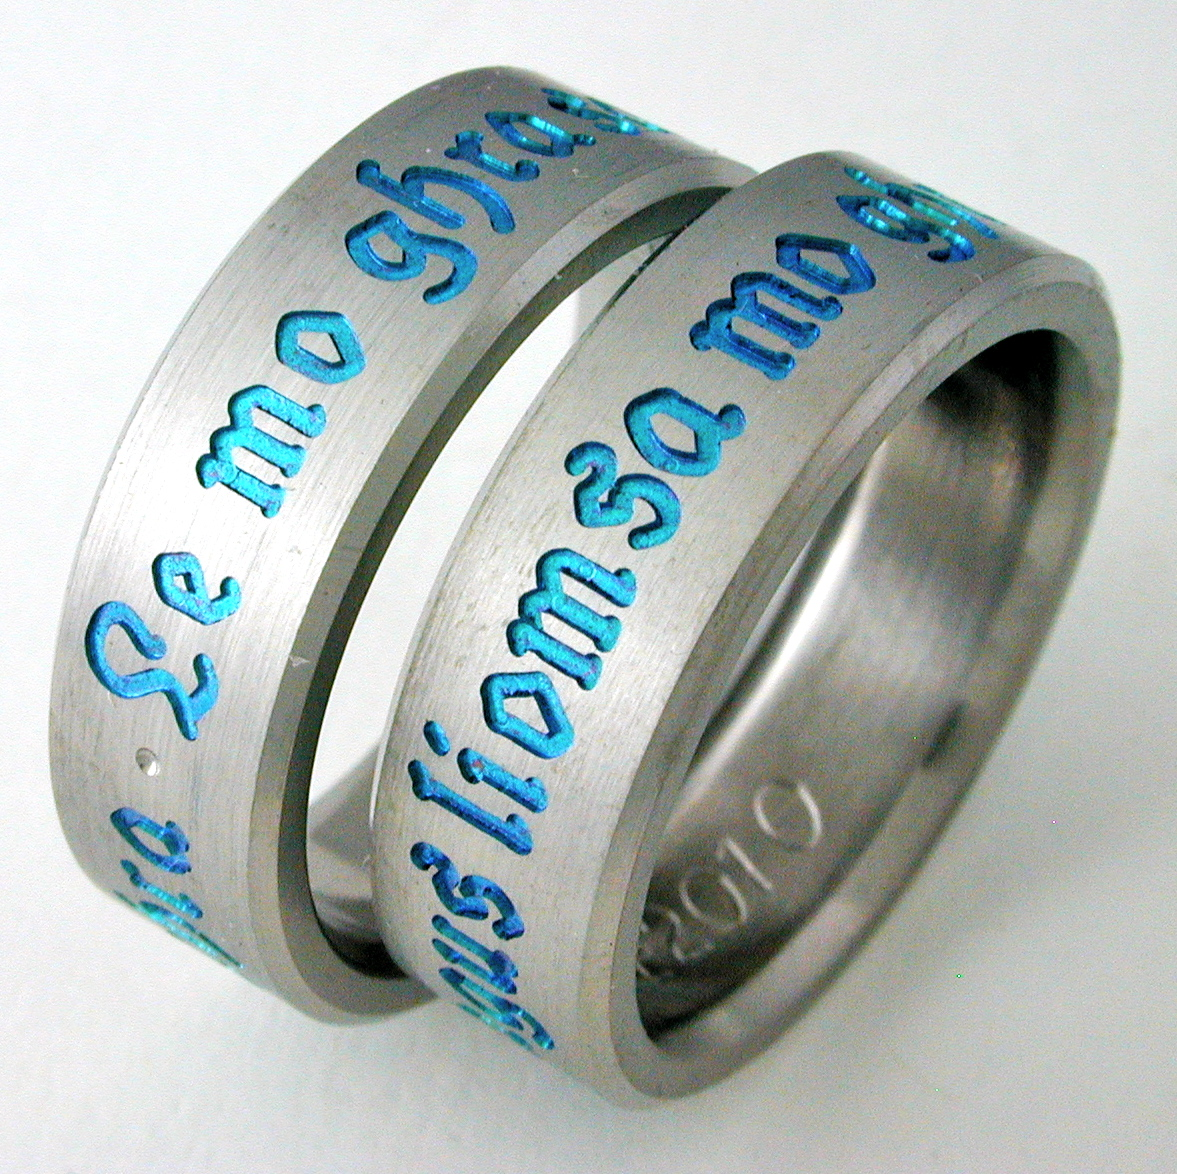 Centuria 3 Titanium Ring With Celtic Style Titanium